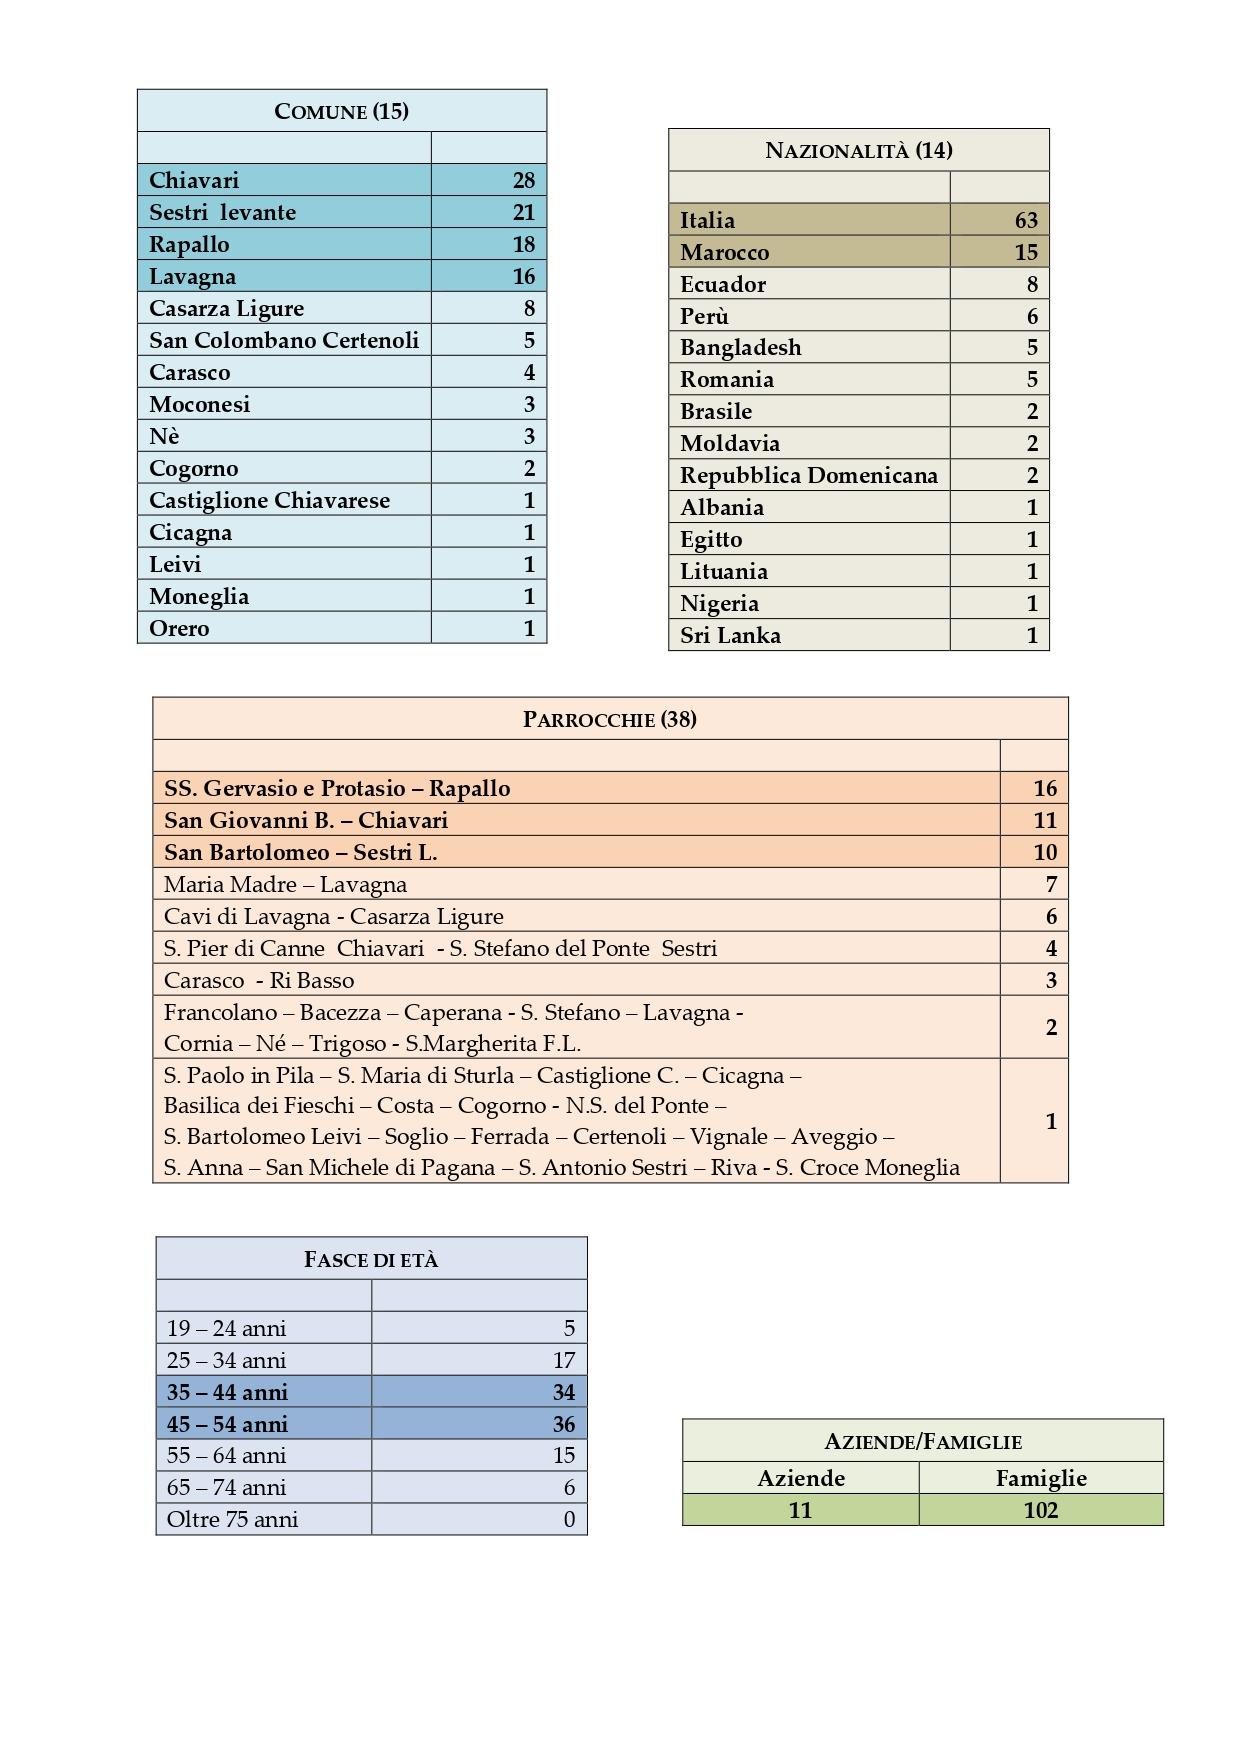 statistiche fondo di prossimità al 15 giugno 2020